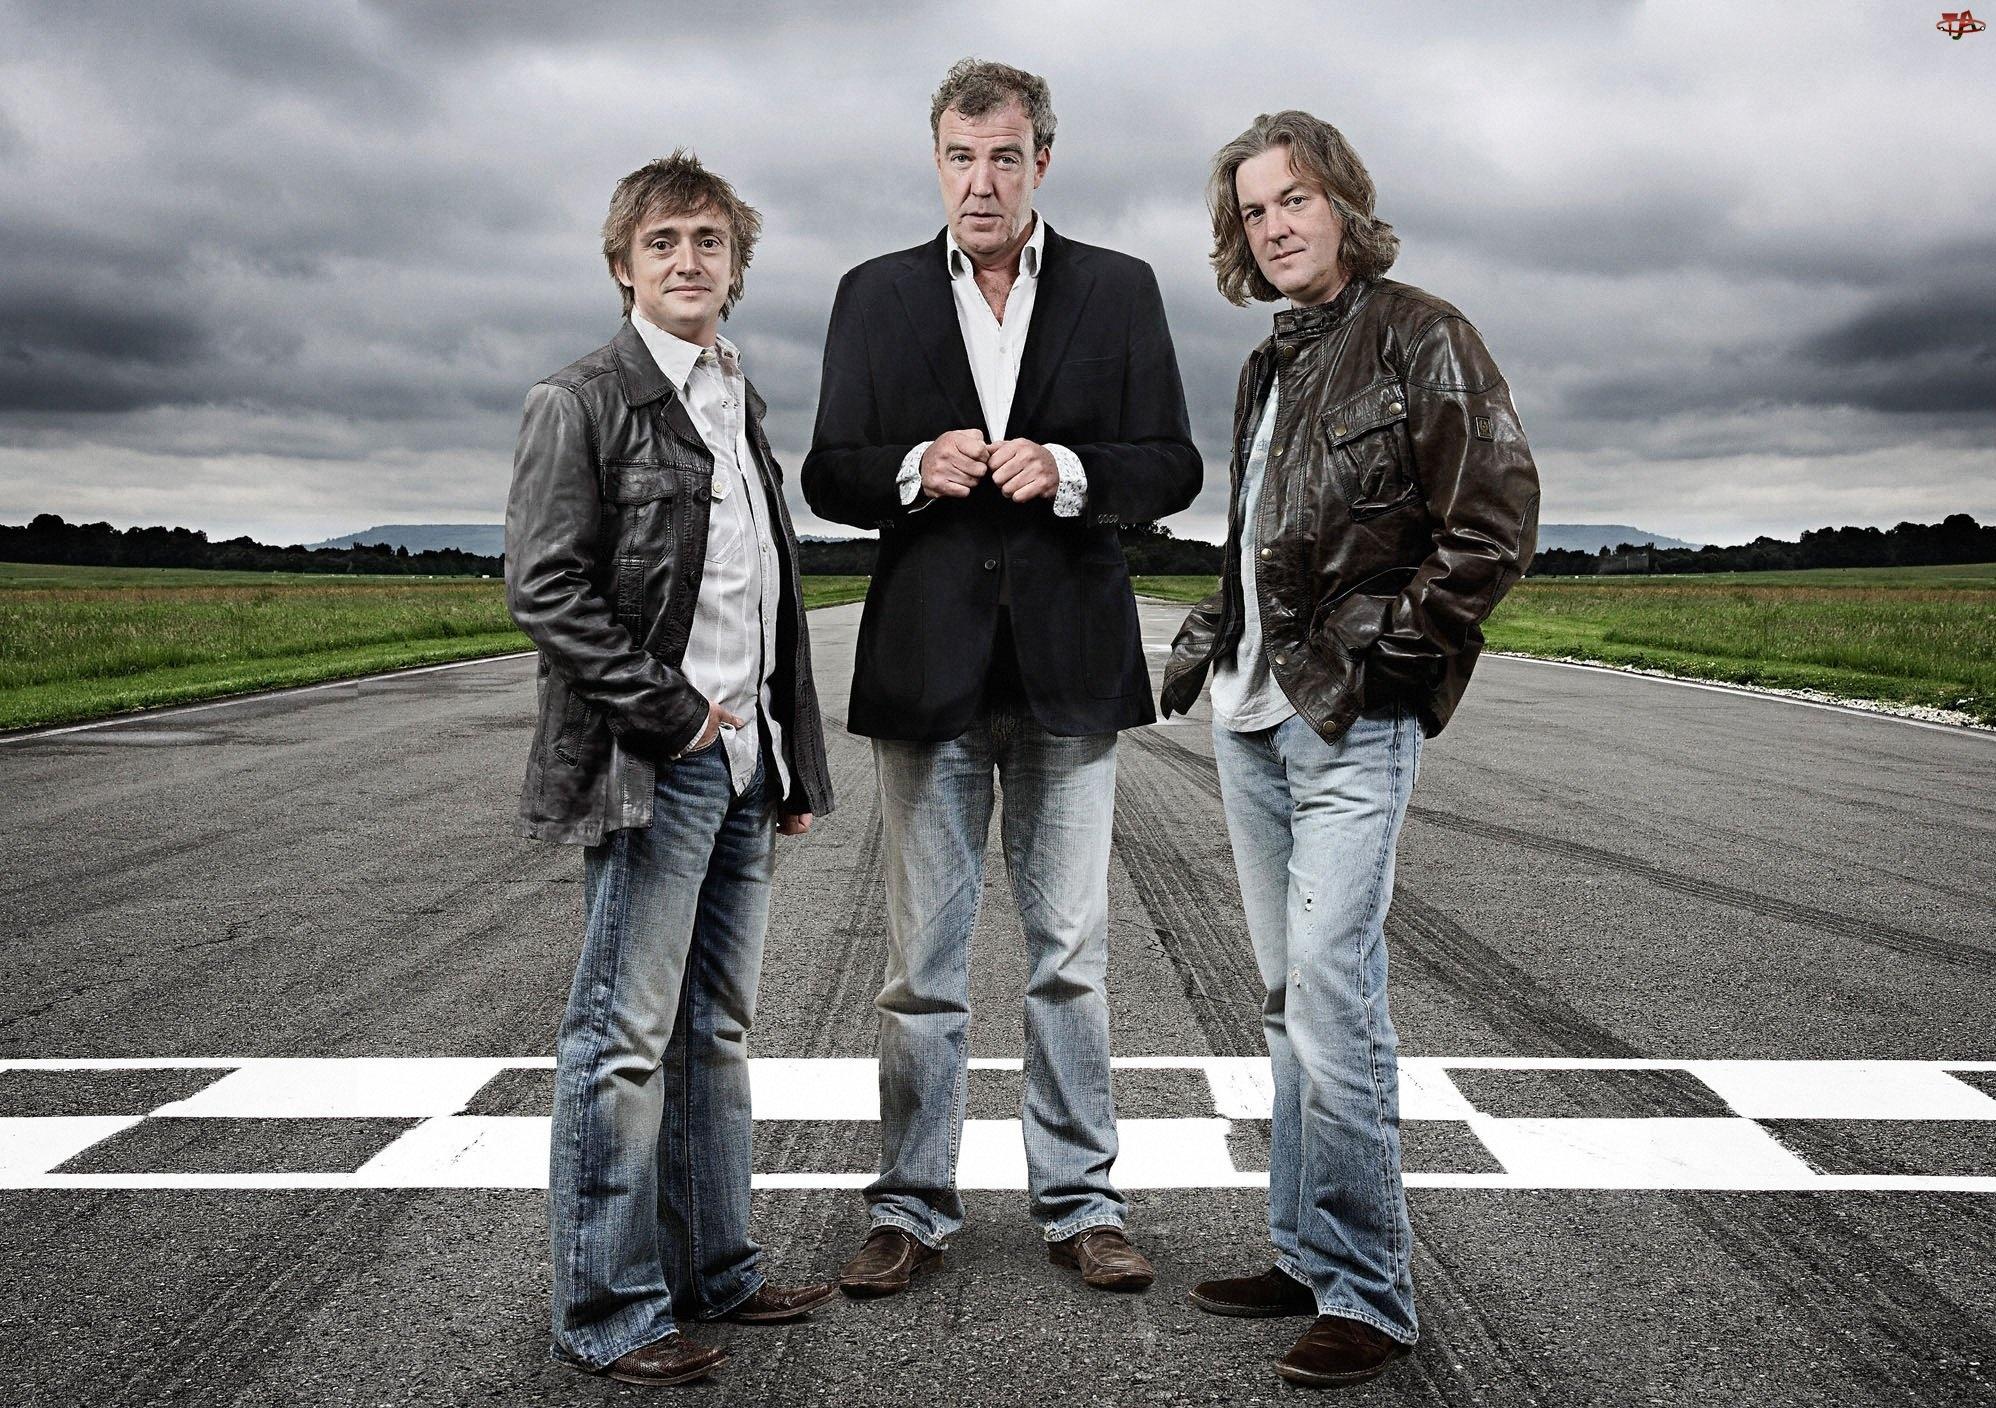 James May, Top Gear, Richard Hammond, Prowadzący, Jeremy Clarkson